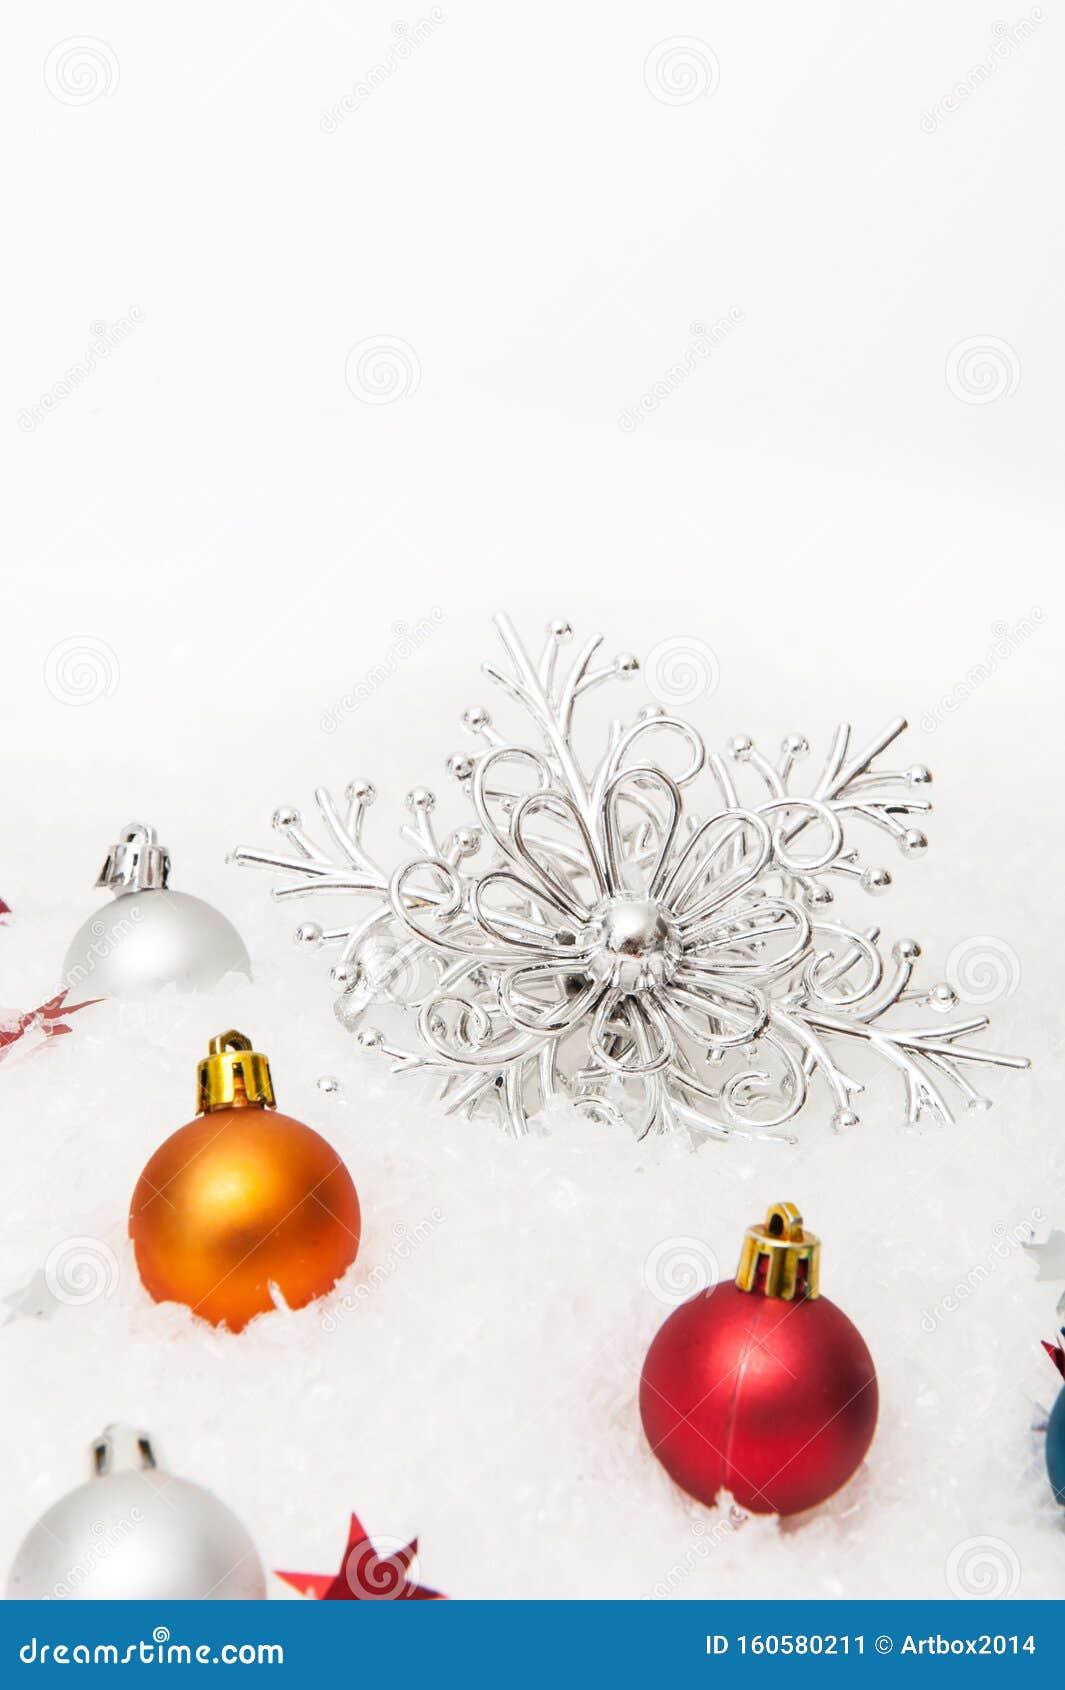 Youtube Sfondi Natalizi.Sullo Sfondo Natalizio Bianco Con Fiocchi Di Neve E Decorazioni Natalizie Immagine Stock Immagine Di Illustrazione Background 160580211